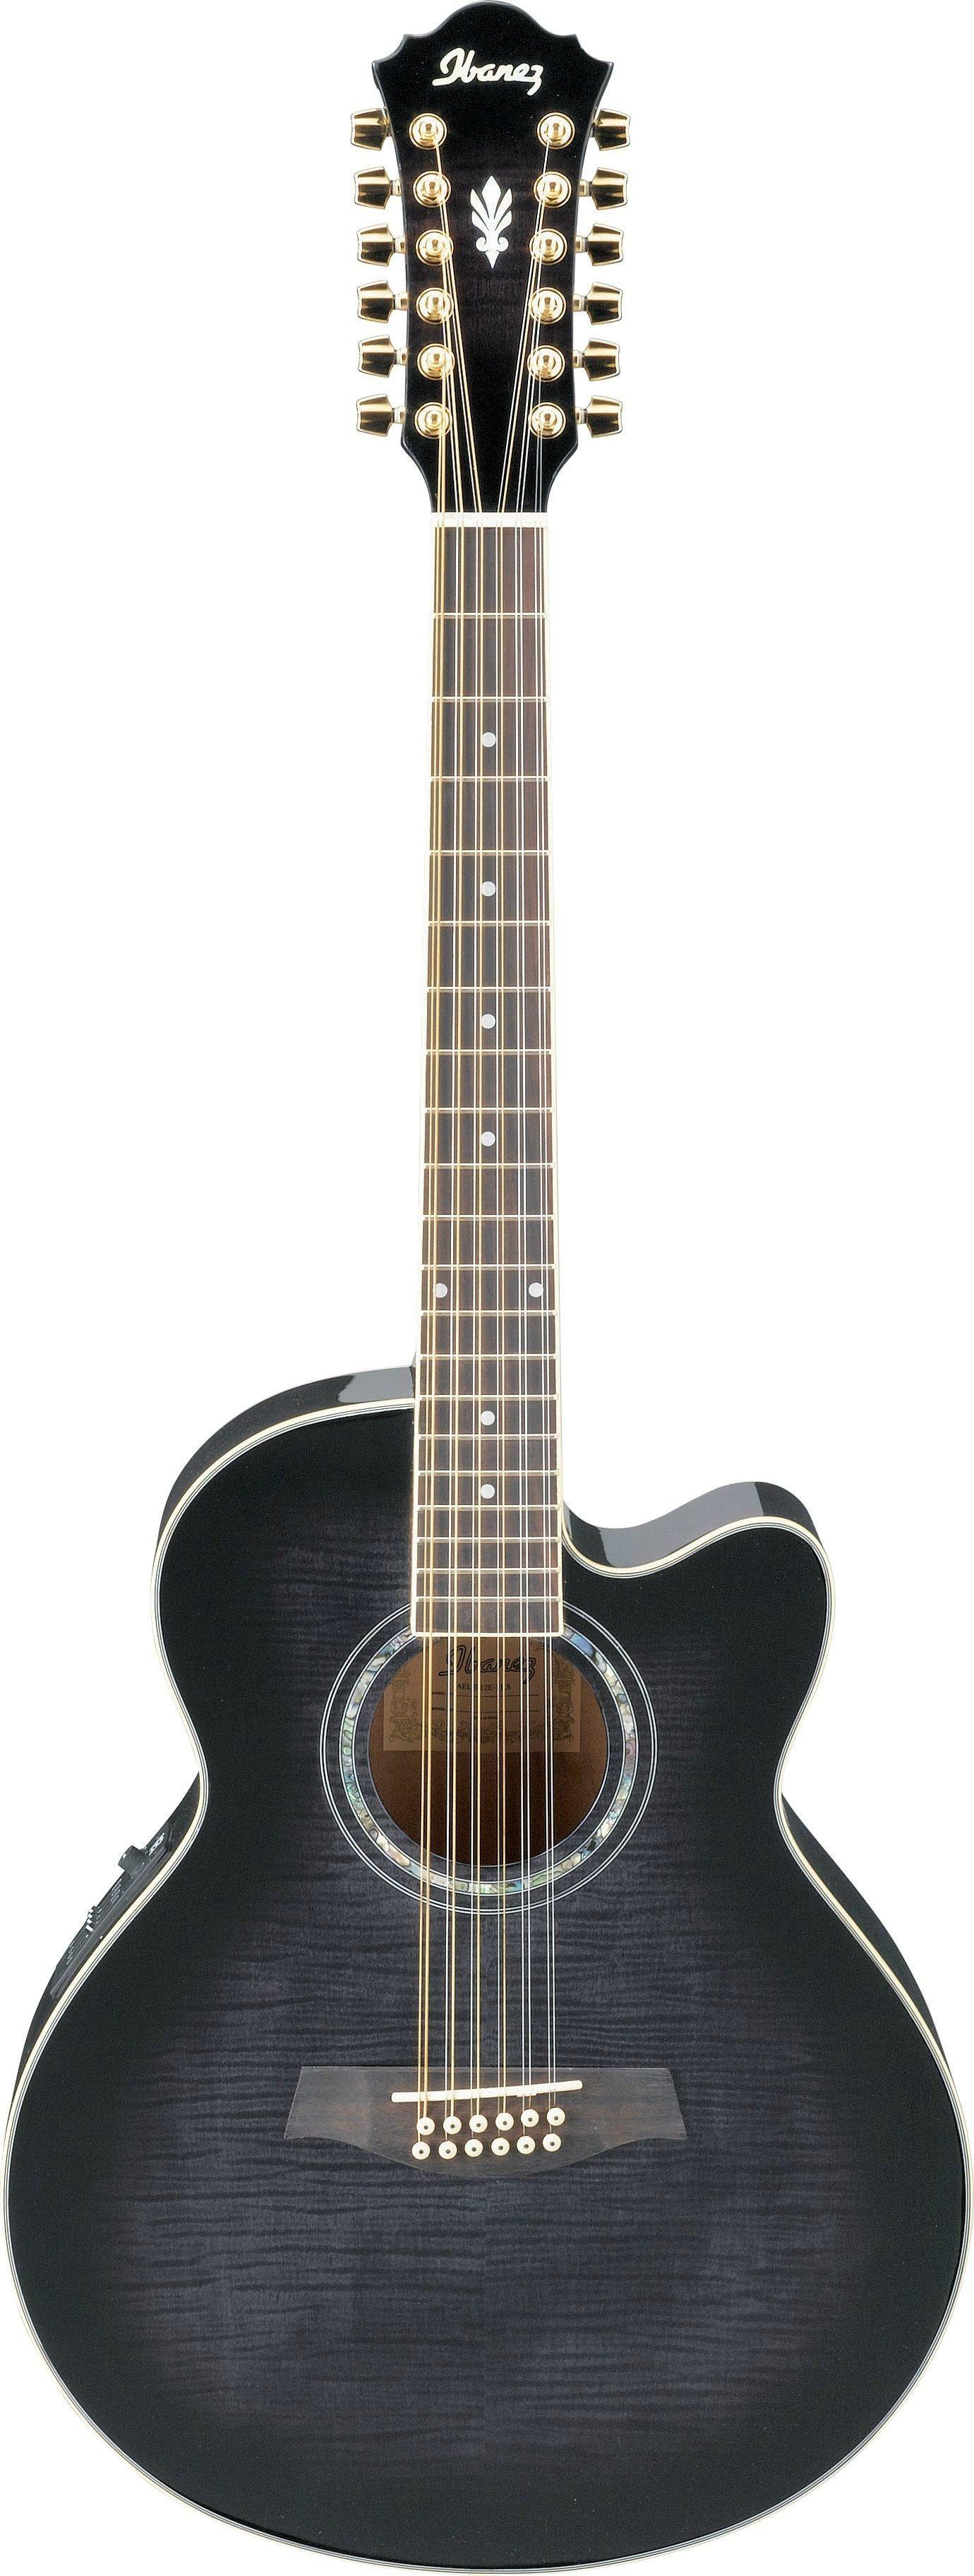 схема гитарного нотного грифа